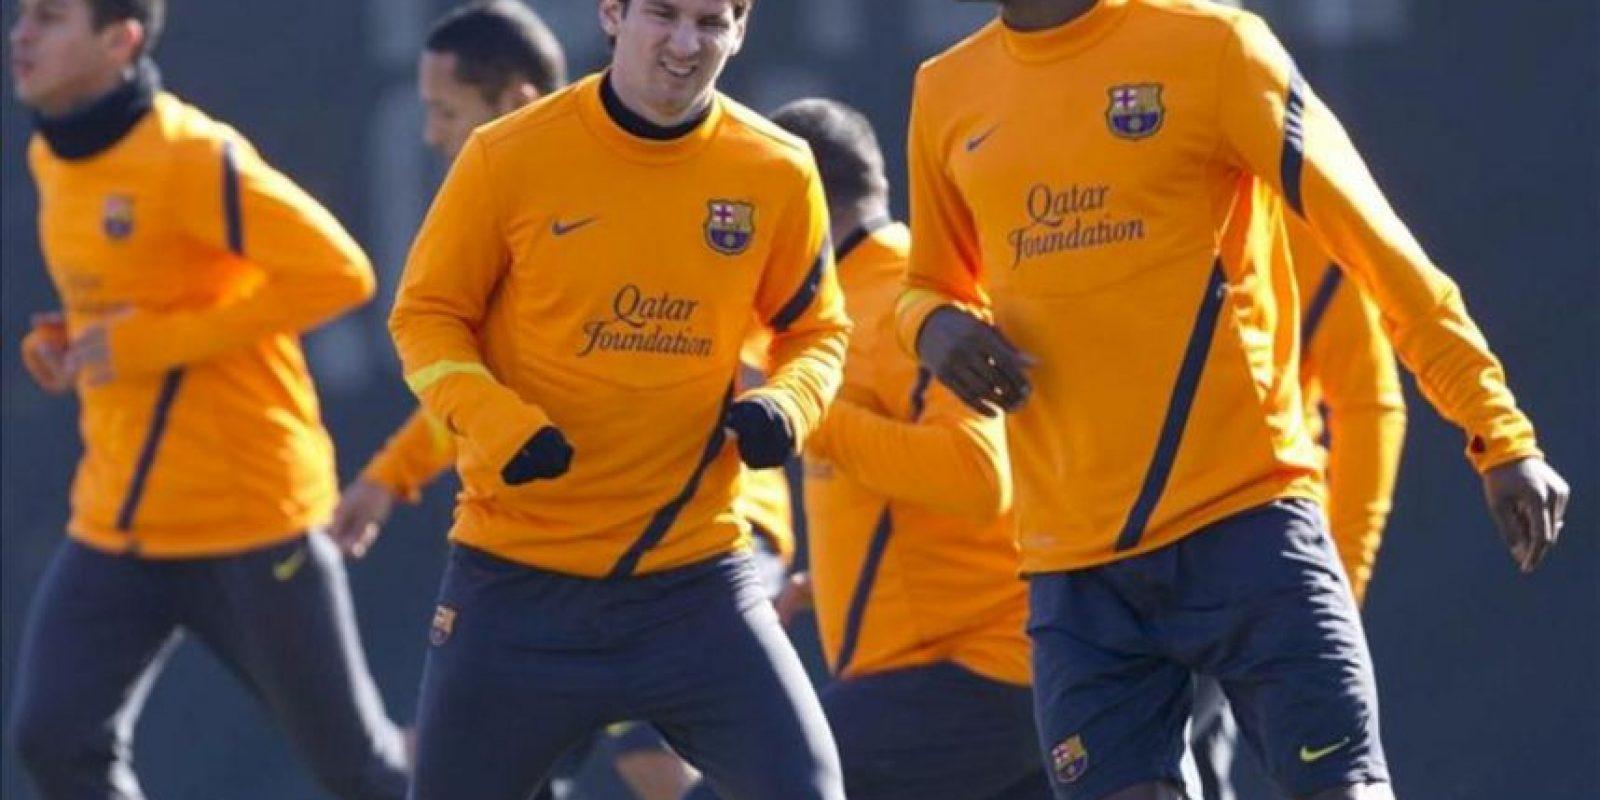 Los jugadores del FC Barcelona Leo Messi (i) y Eric Abidal (d) hacen ejercicios de calentamiento durante un entrenamiento del equipo culé. EFE/Archivo